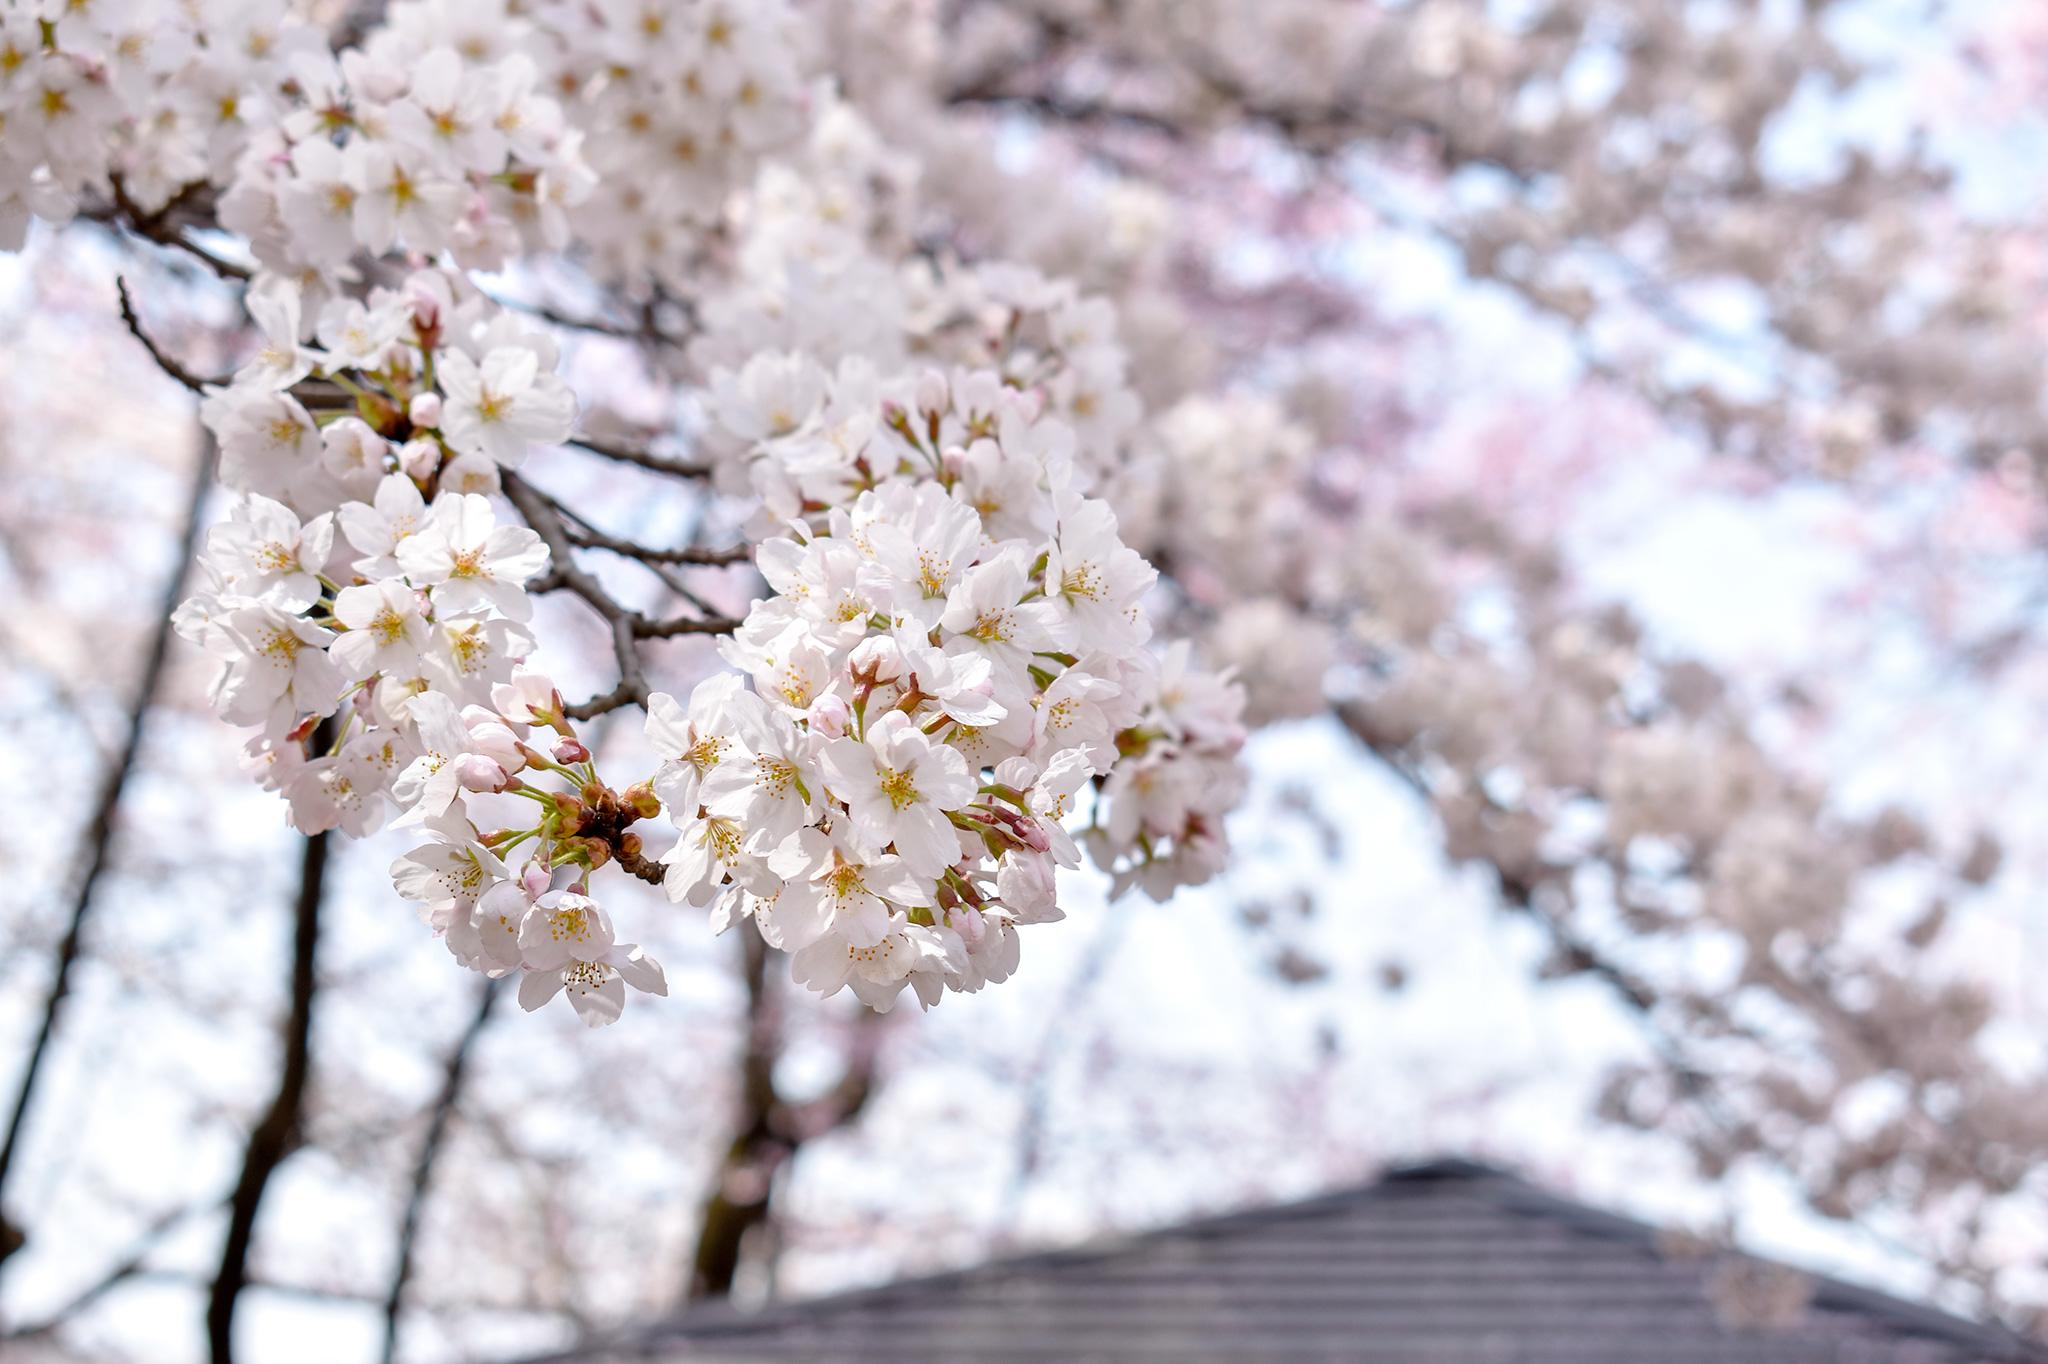 花鳥山一本杉公園の桜 写真5